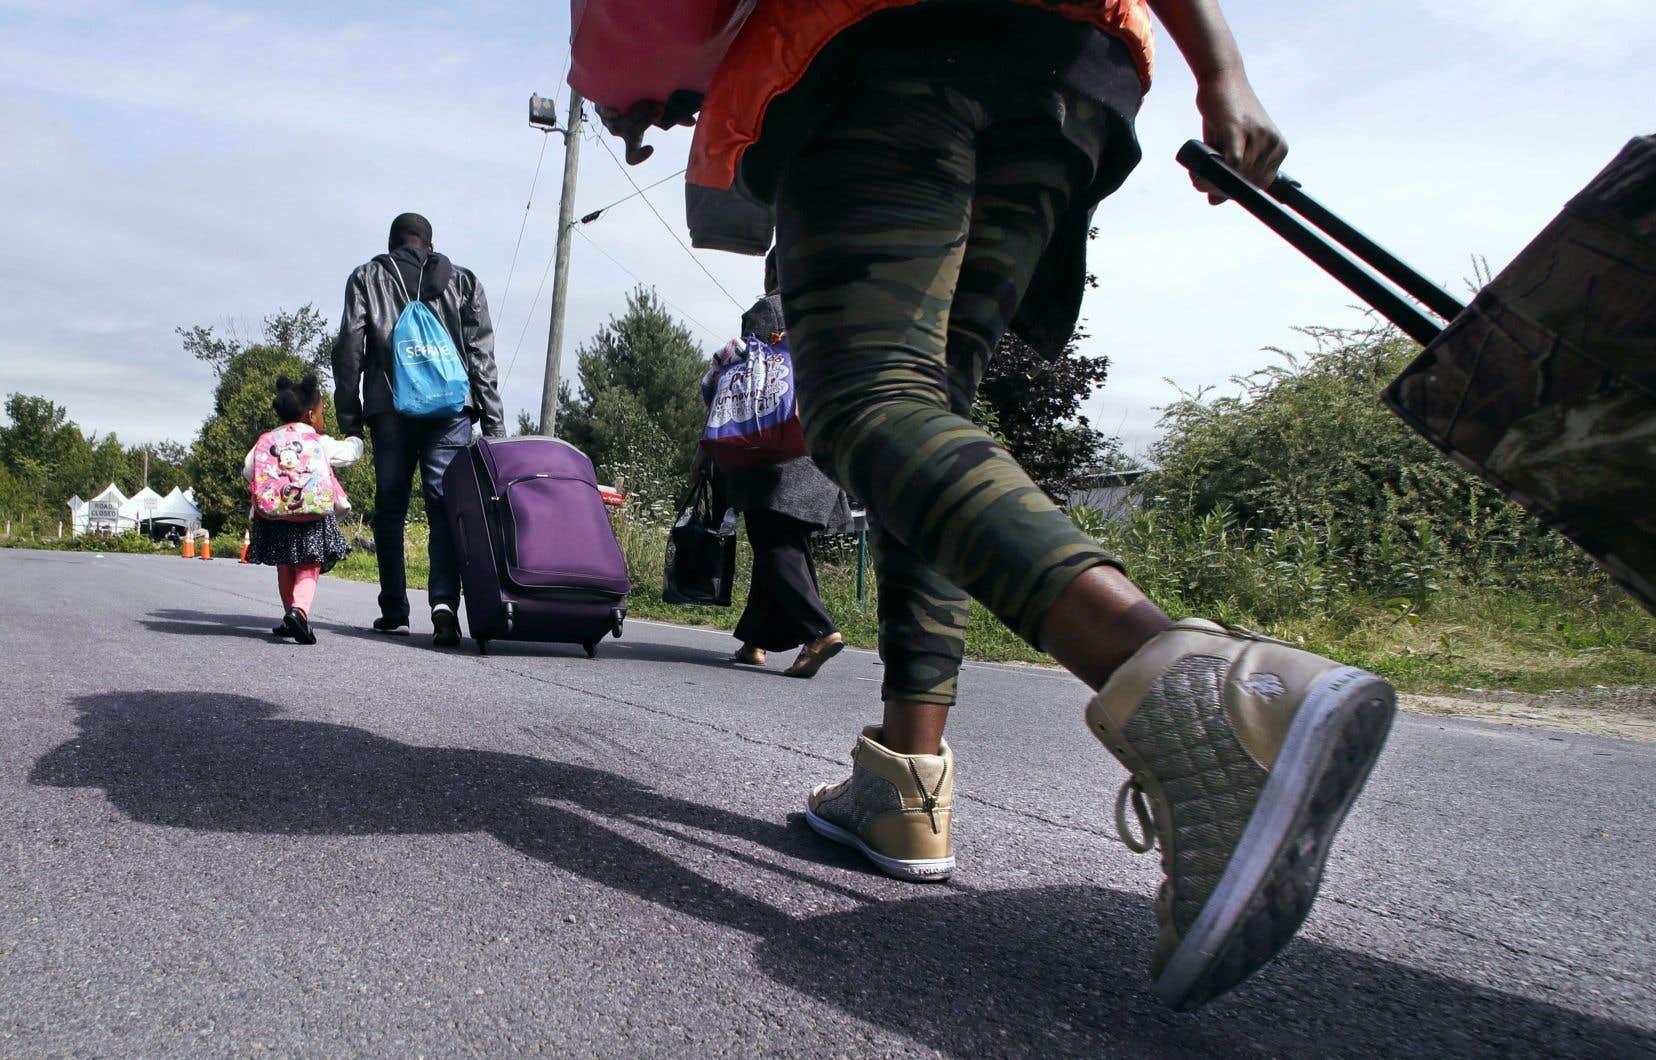 Cette entente est la raison qui a incité des milliers de personnes à franchir de façon irrégulière la frontière canadienne au cours de l'année 2017 afin de solliciter l'asile, se désole l'auteur.